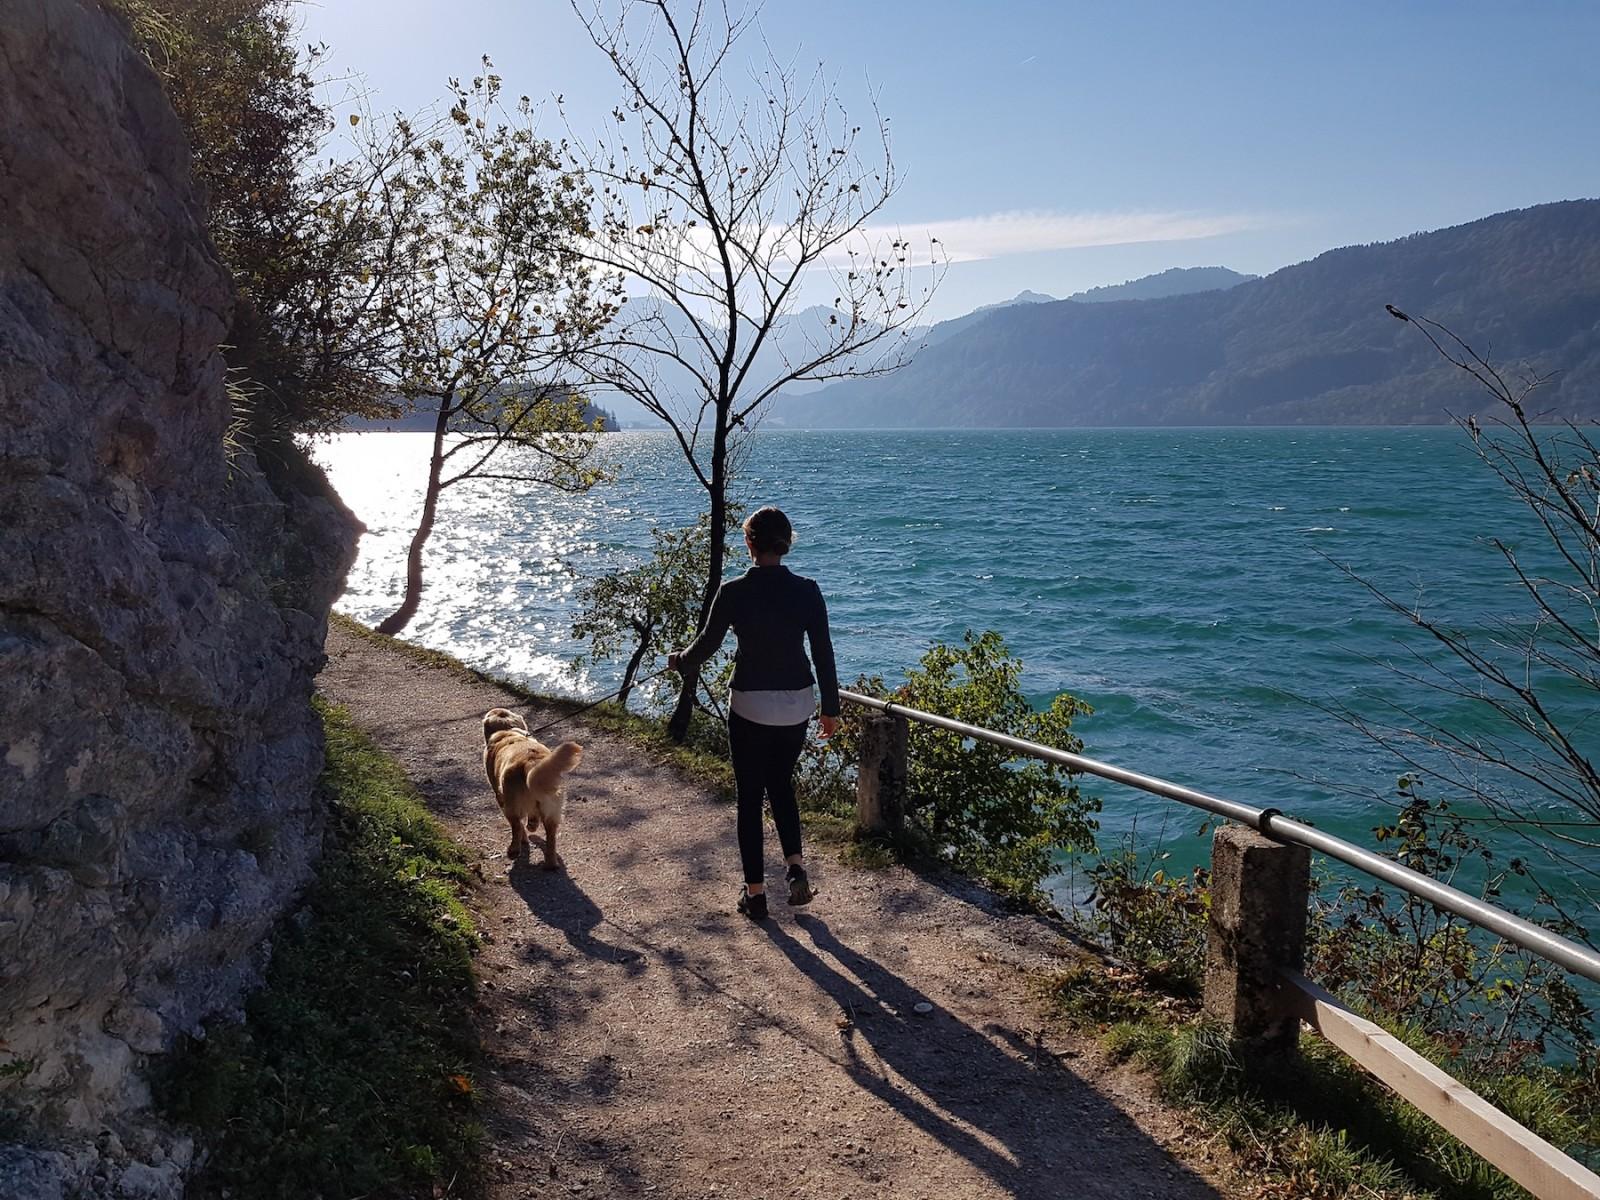 ...der Weg lädt zum Entdecken für Groß und Klein. Hunde bitte an die Leine nehmen.